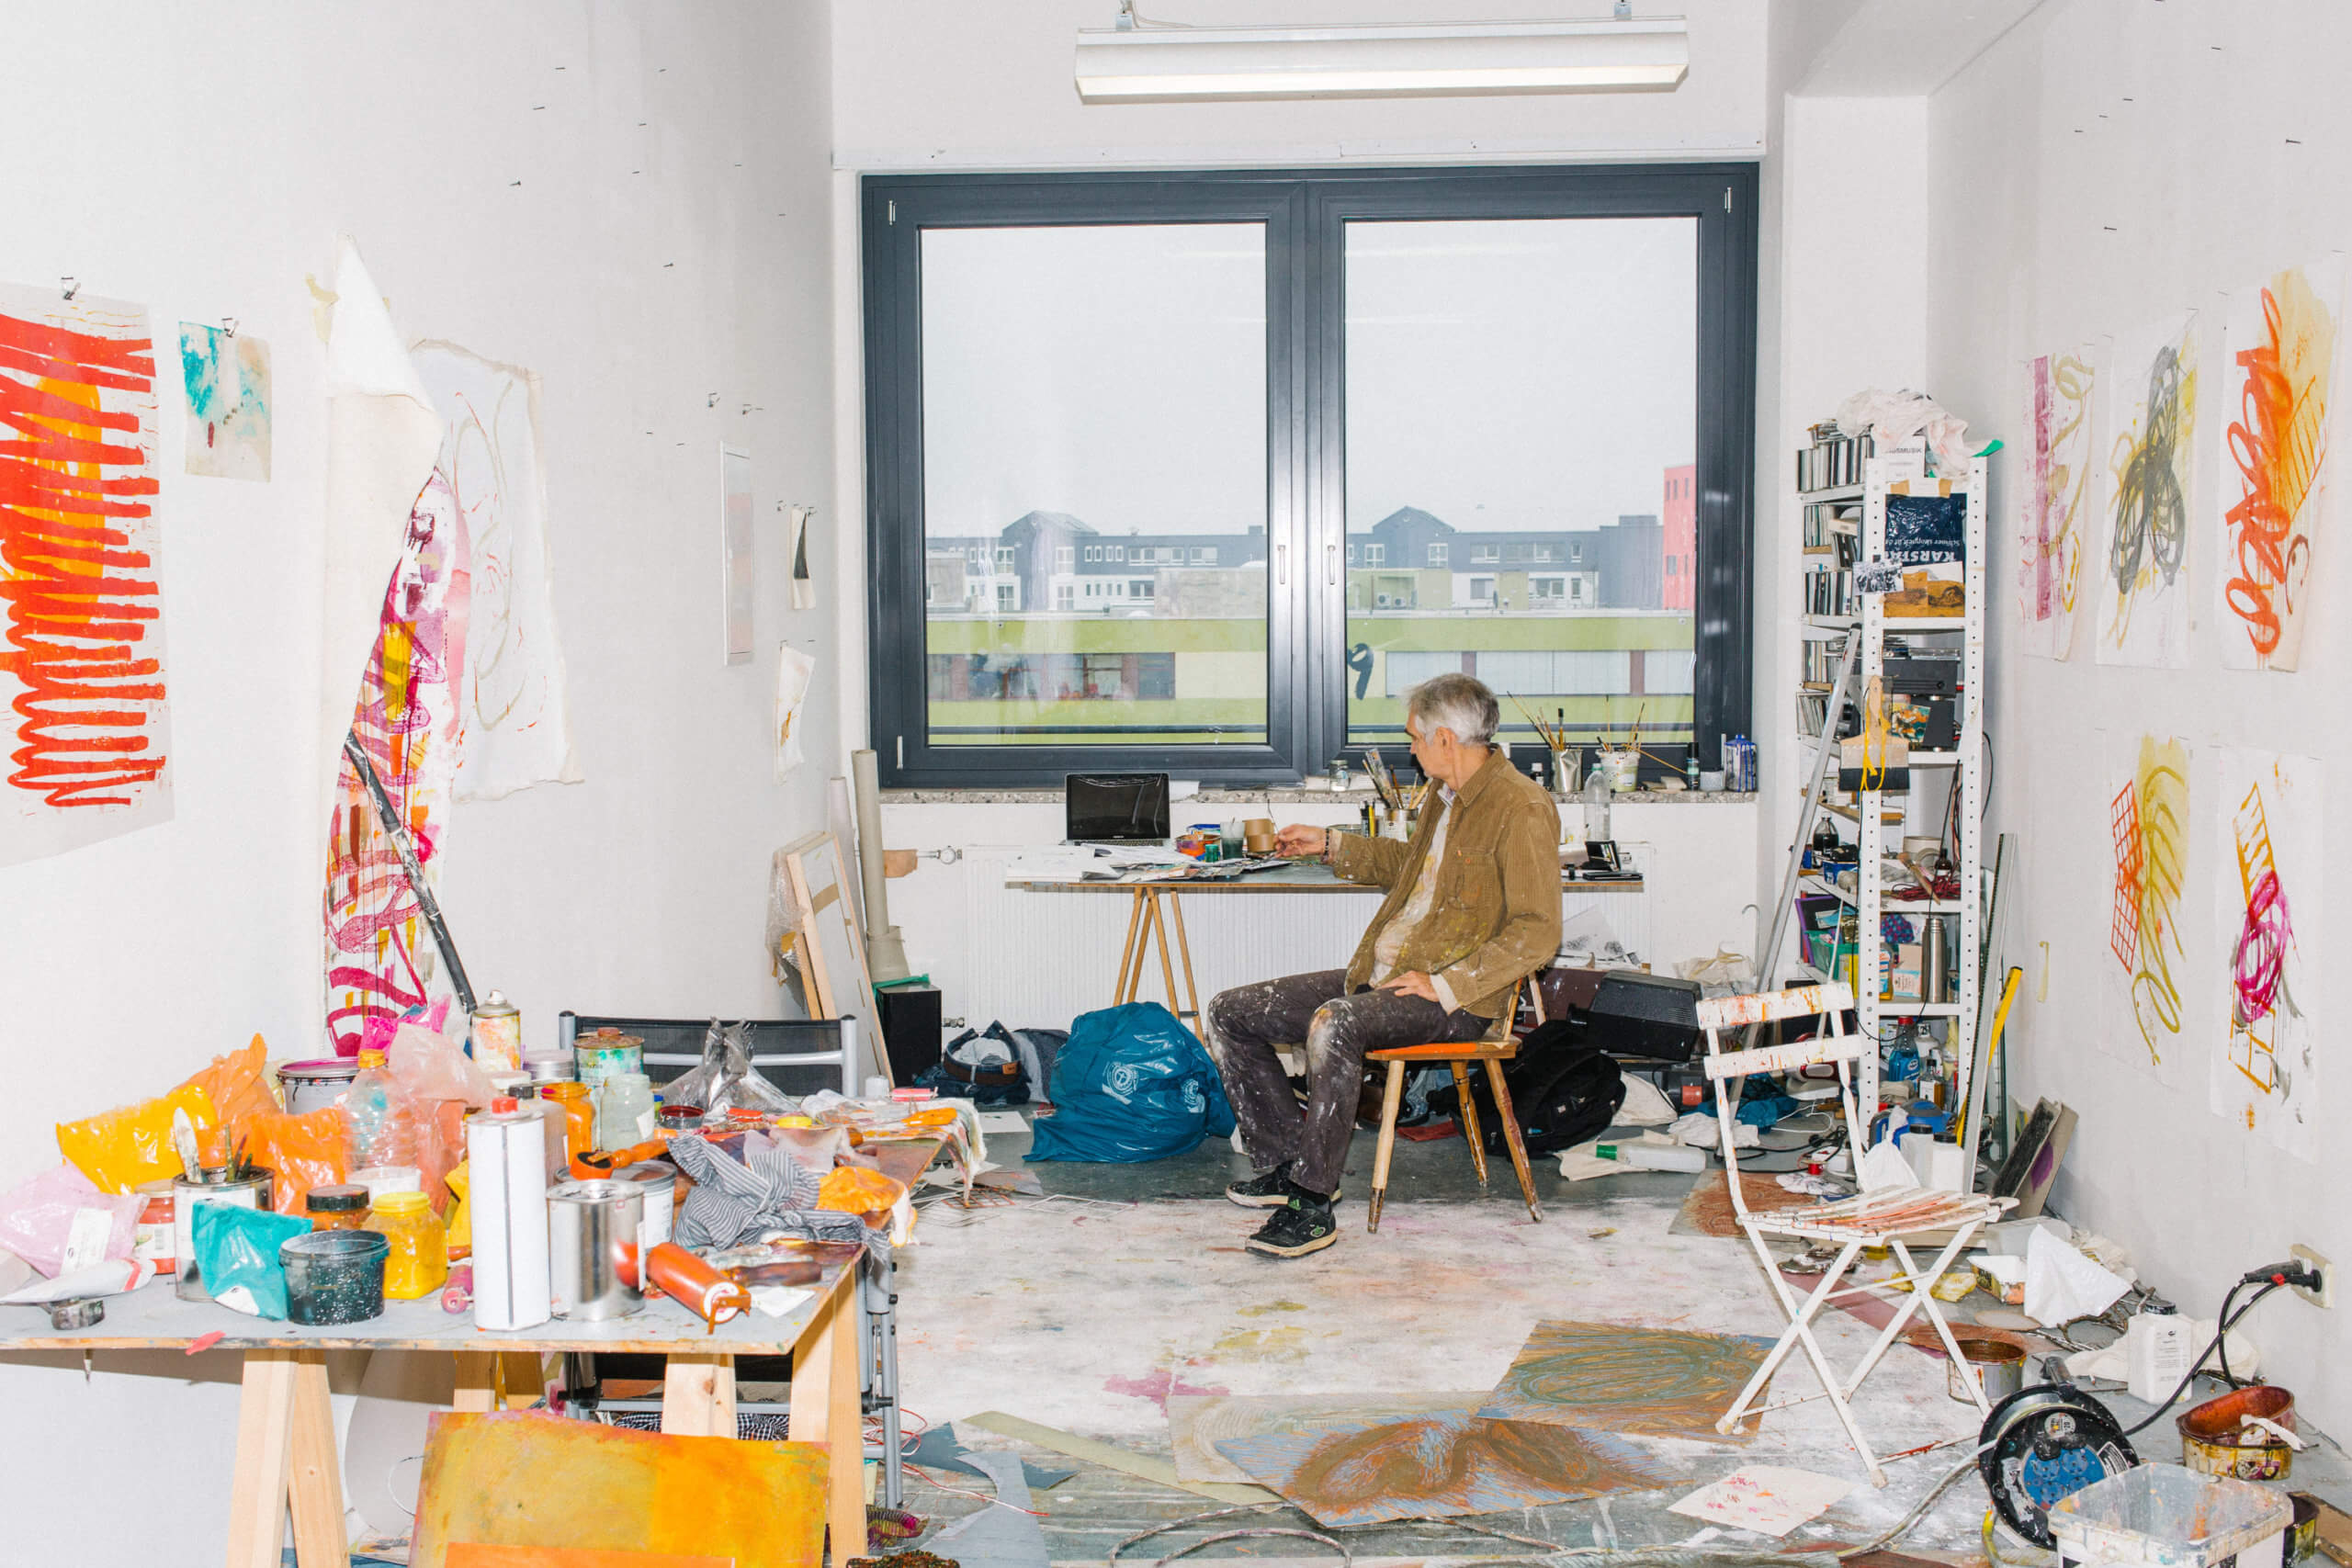 Man sieht das Atelier von Jess Walter. Der Künstler sitz mittig an seinem Tisch, vor dem Fenster.